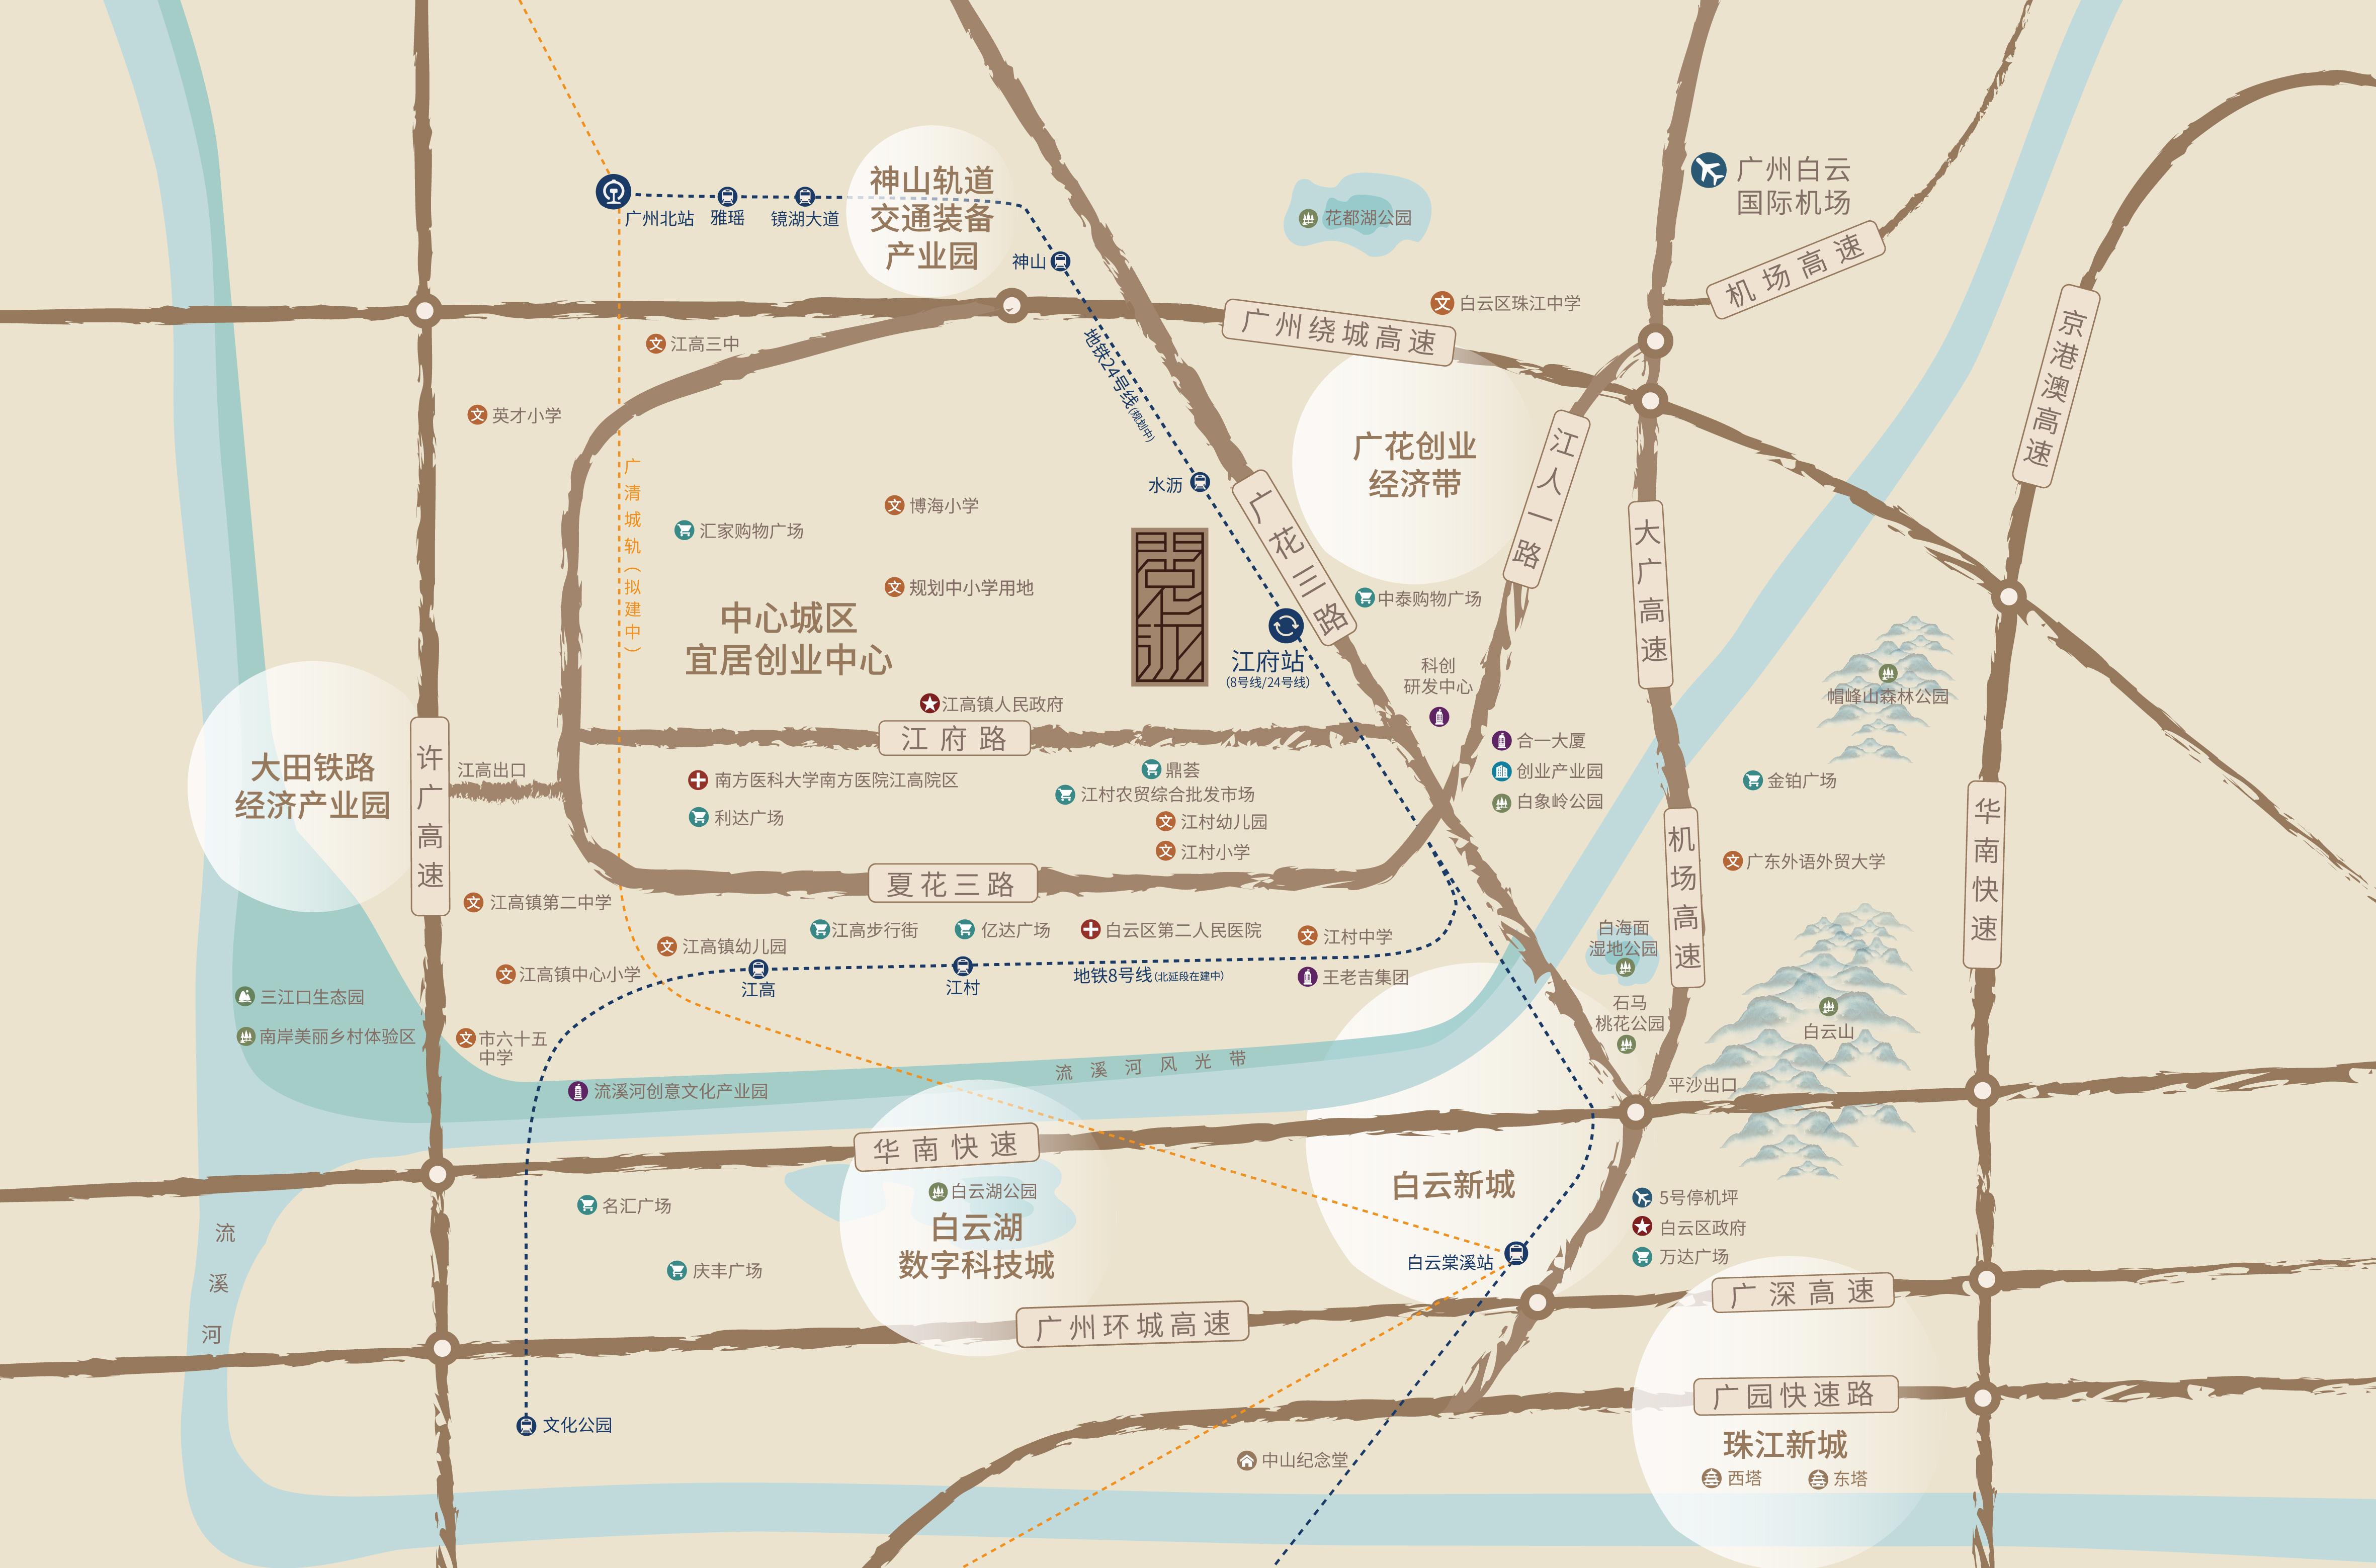 中铁诺德•阅泷区位图.jpg